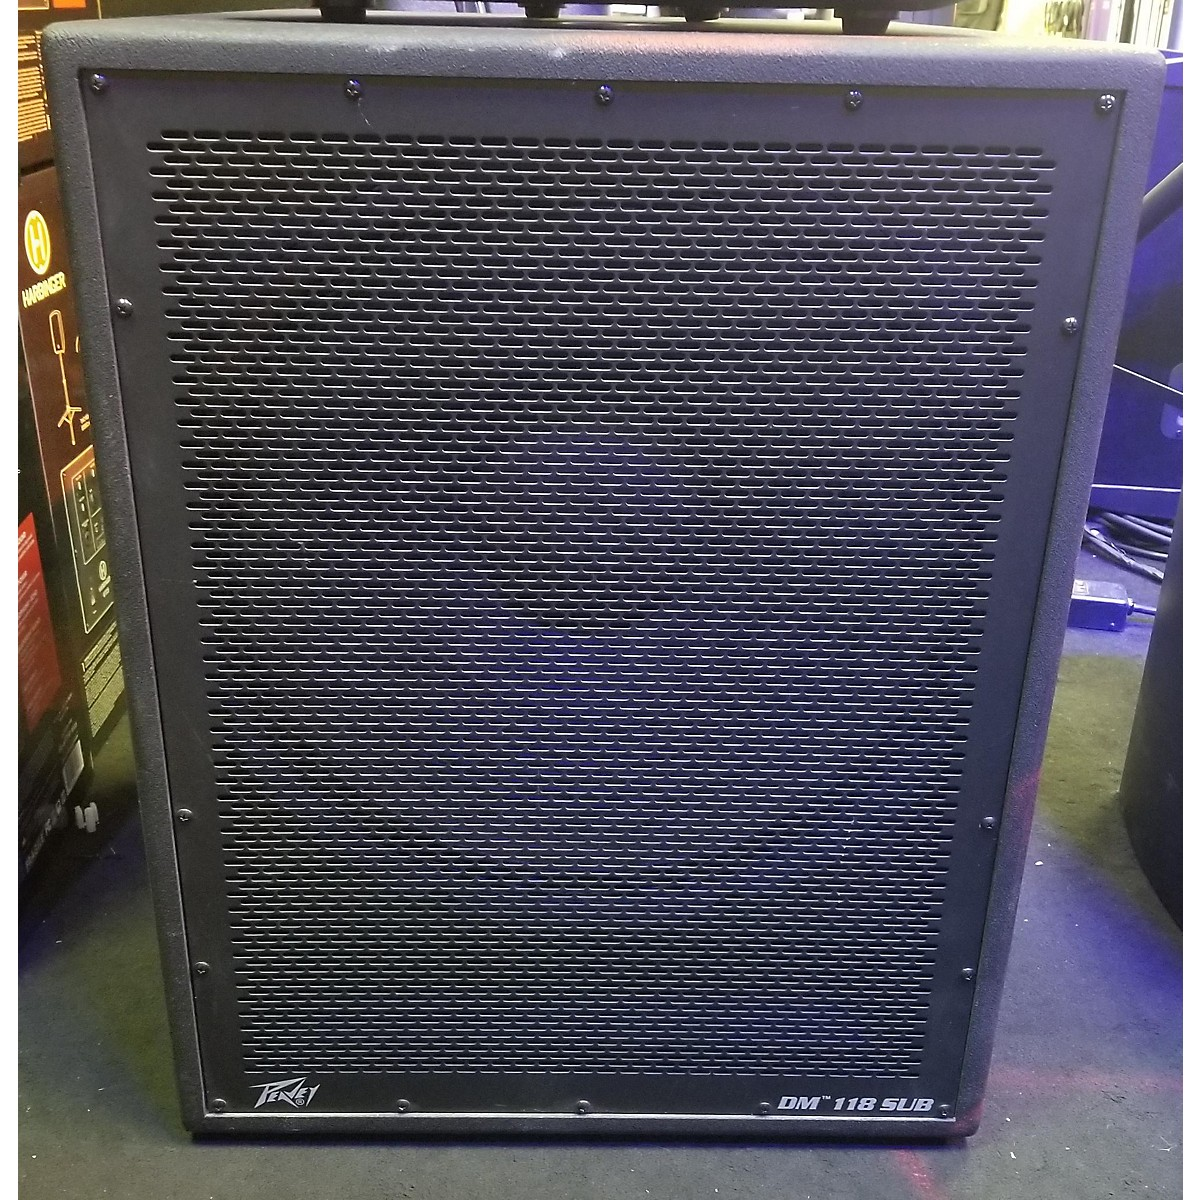 Peavey DAR MATTER 18 POWERED SUB Powered Speaker